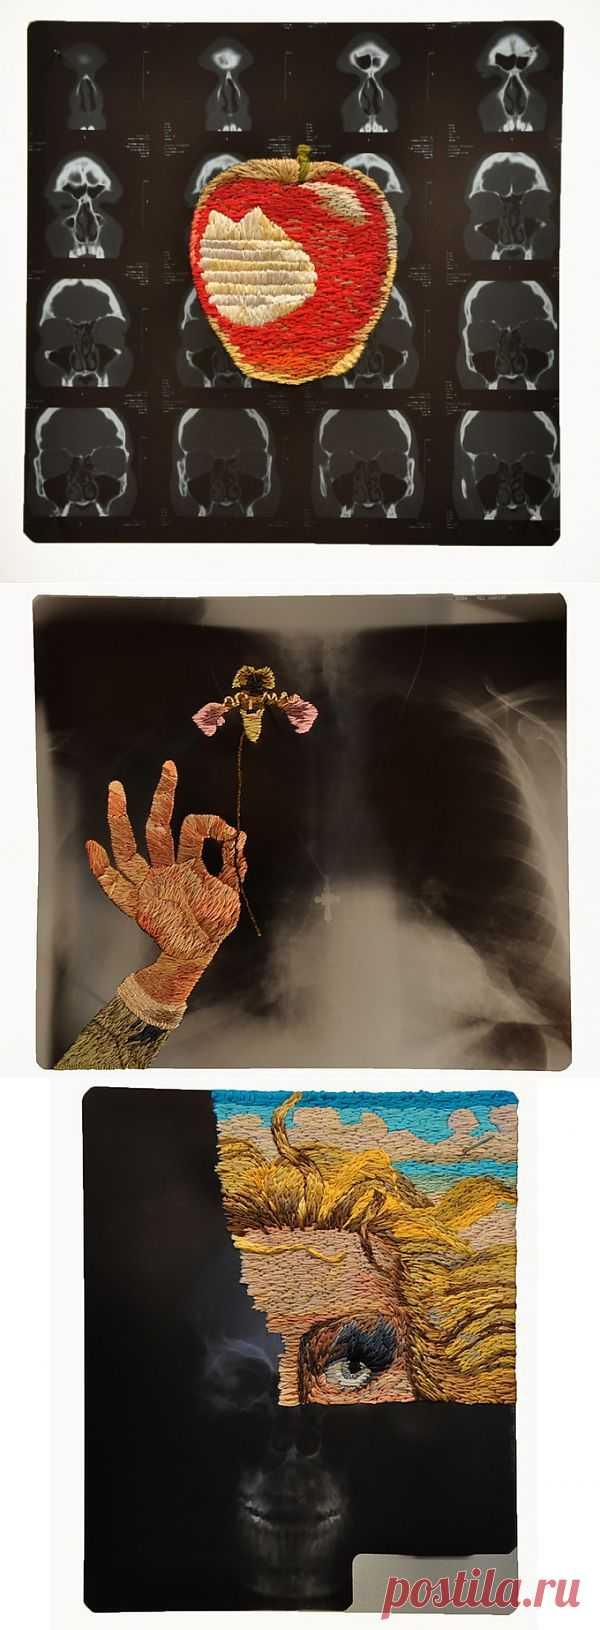 Вышитые рентгеновские снимки (подборка) / Вышивка / Модный сайт о стильной переделке одежды и интерьера